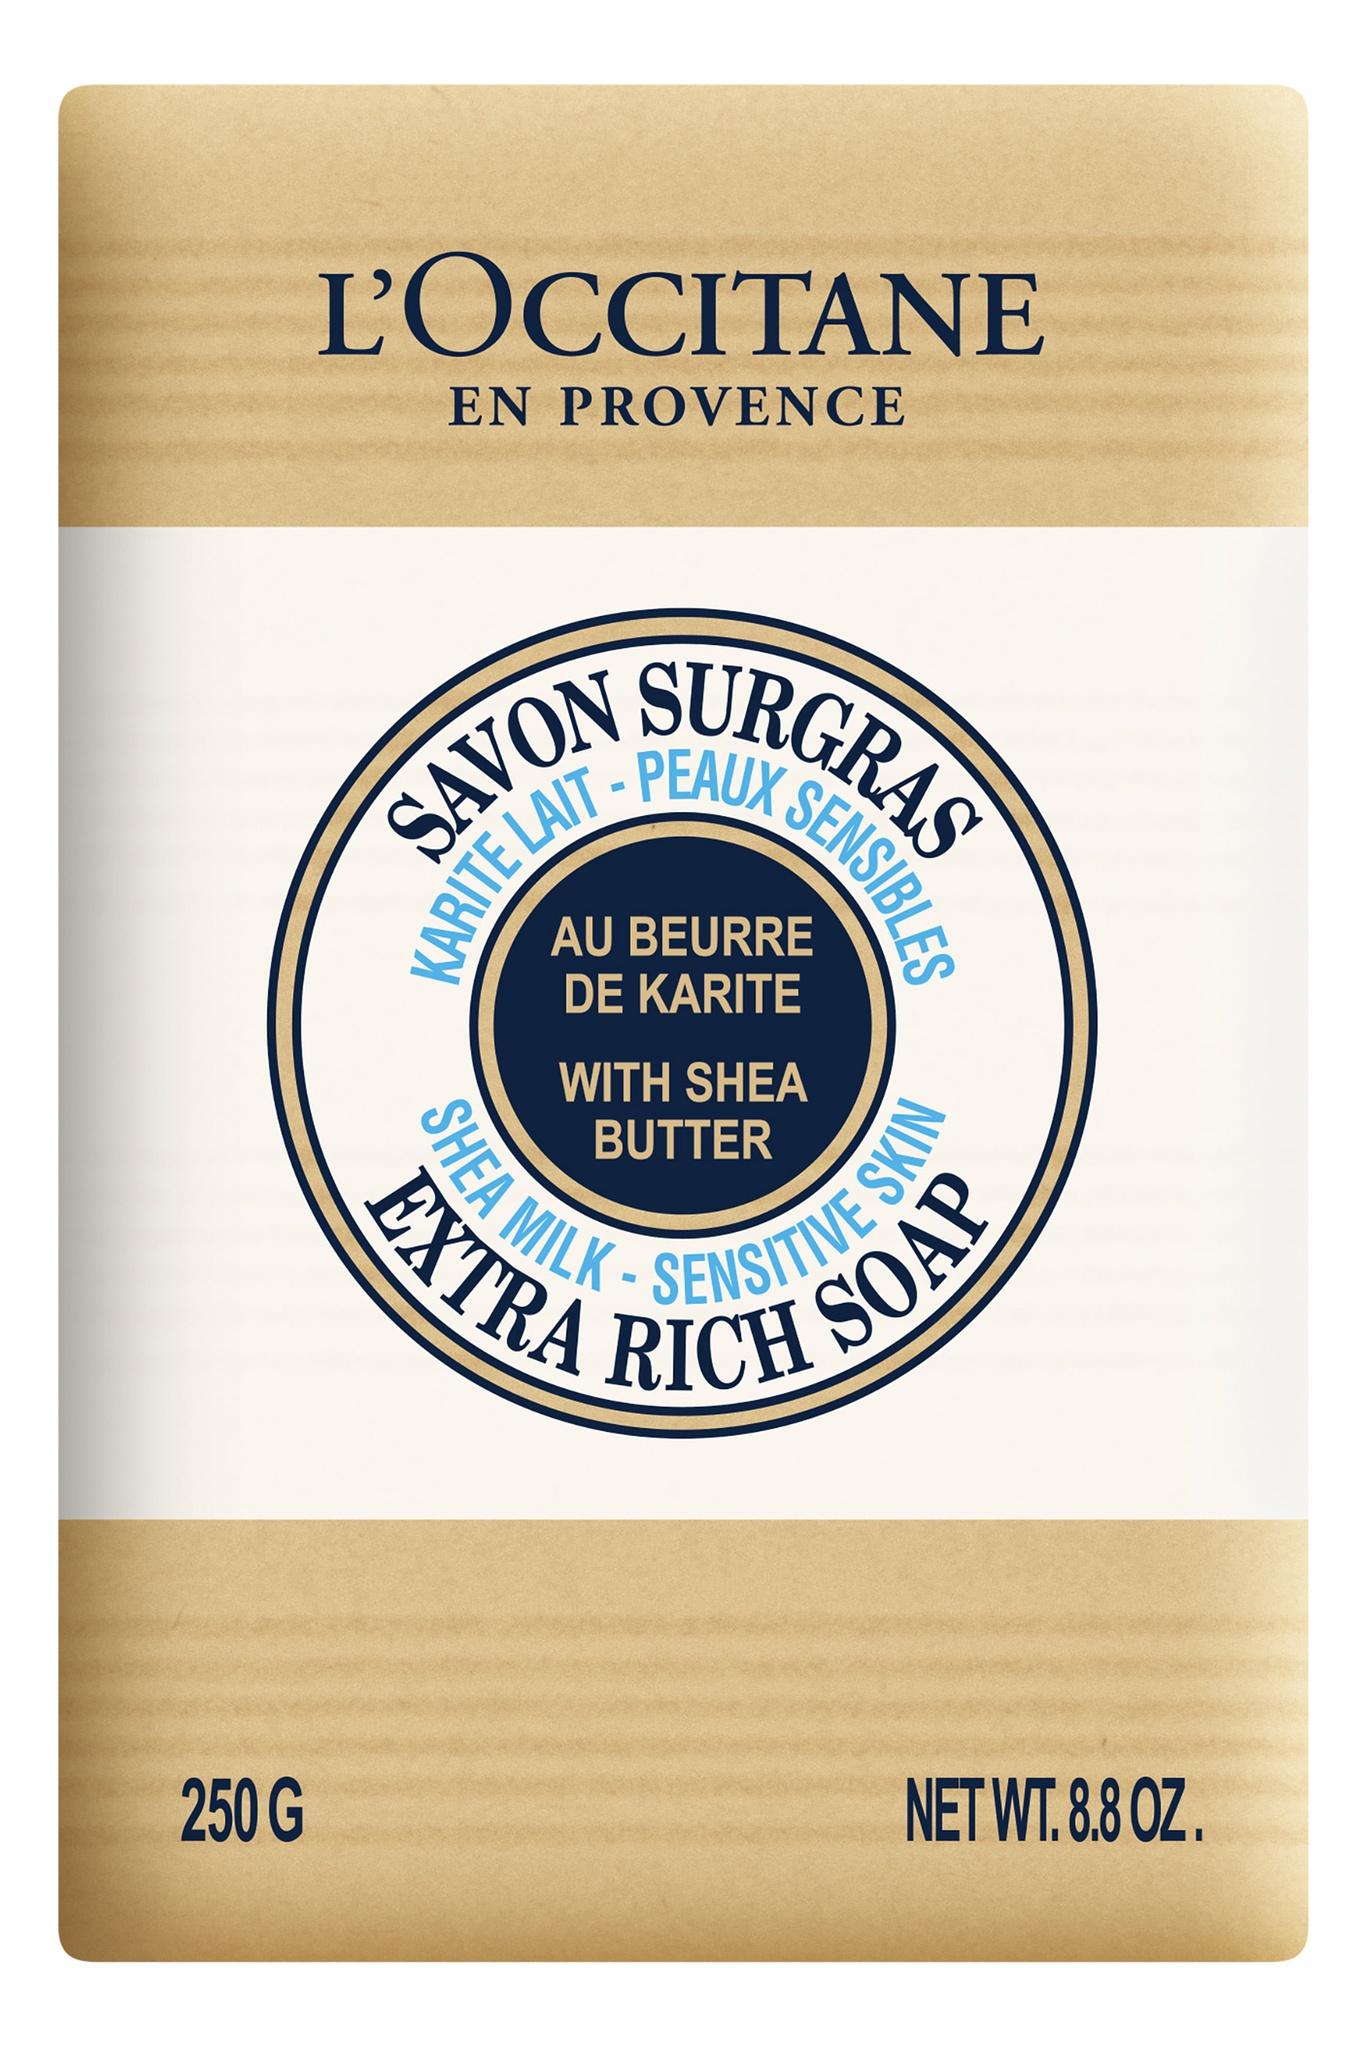 L´Occitane Shea Milk Sensitive Skin Extra Rich Soap